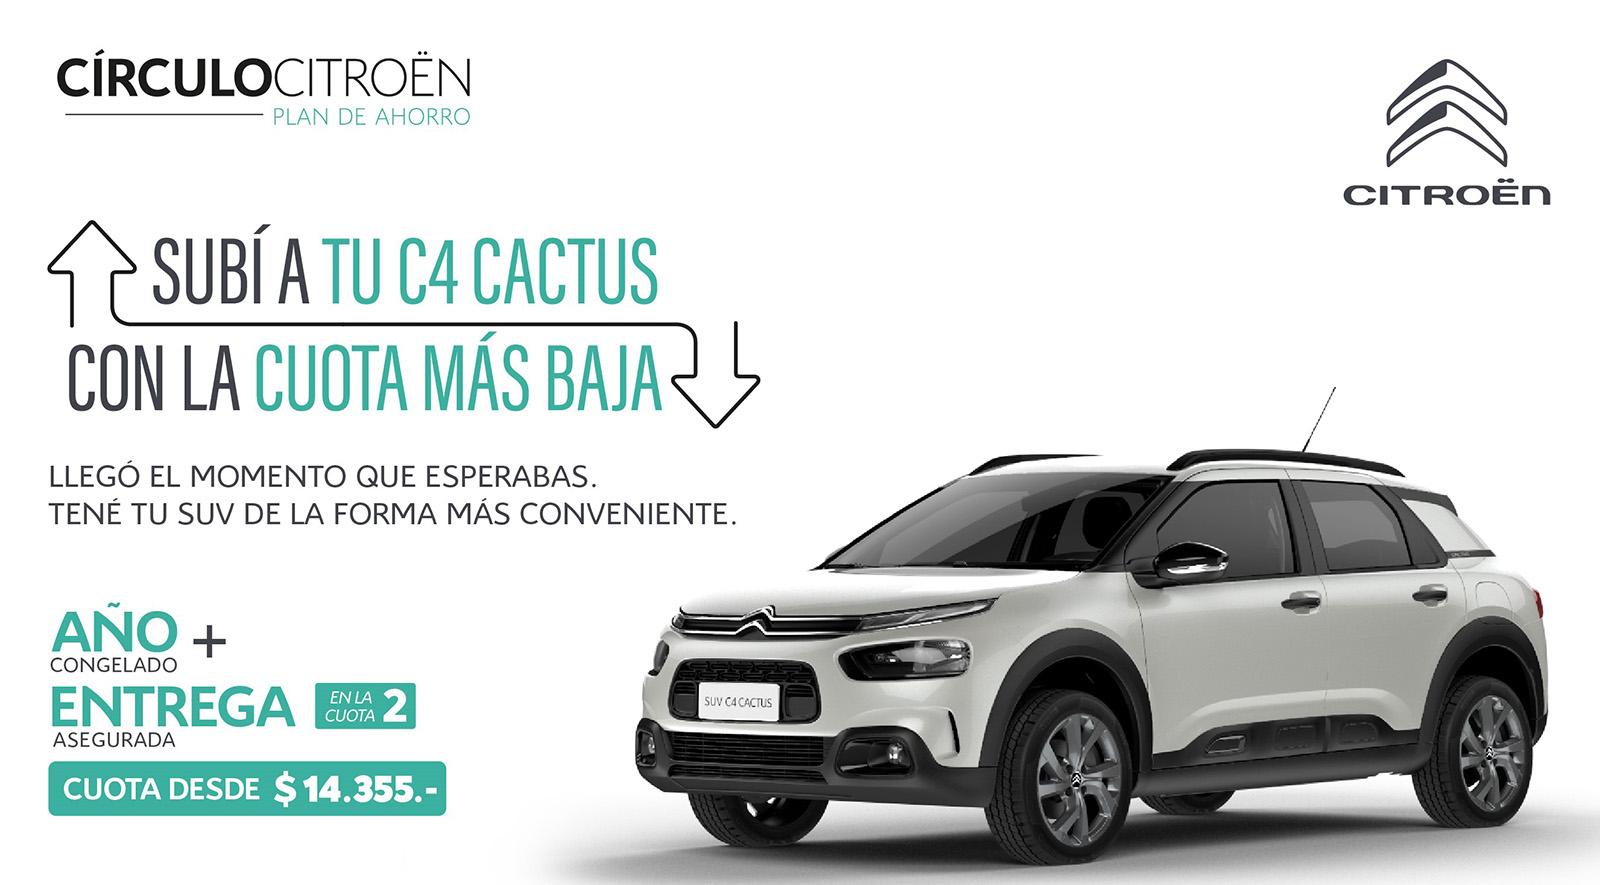 Nuevo plan de ahorro Citroën C4 Cactus Feel PEA 2